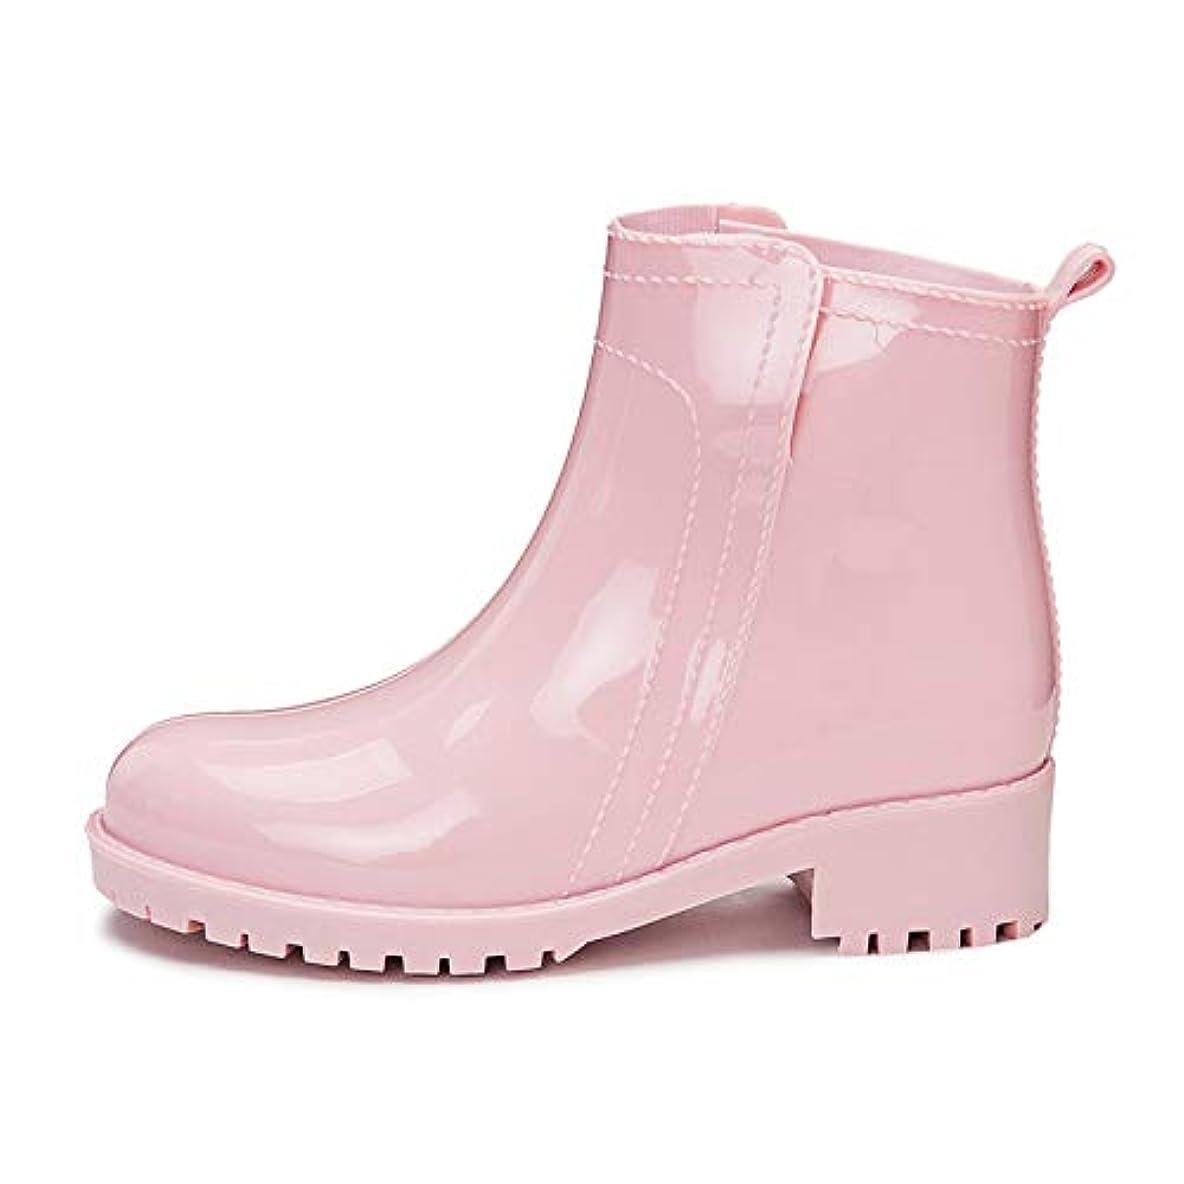 ご覧くださいヒゲクジラ負荷[QIHANG] レインシューズ レディース ラバー ショートブーツ 防水 滑り止め 梅雨対策 歩きやすい おしゃれ かわいい ヒール ショート 軽量 着脱楽々 カジュアル ノンスリップ 雨靴 通勤 通学 男女兼用 サイズ23.5CM